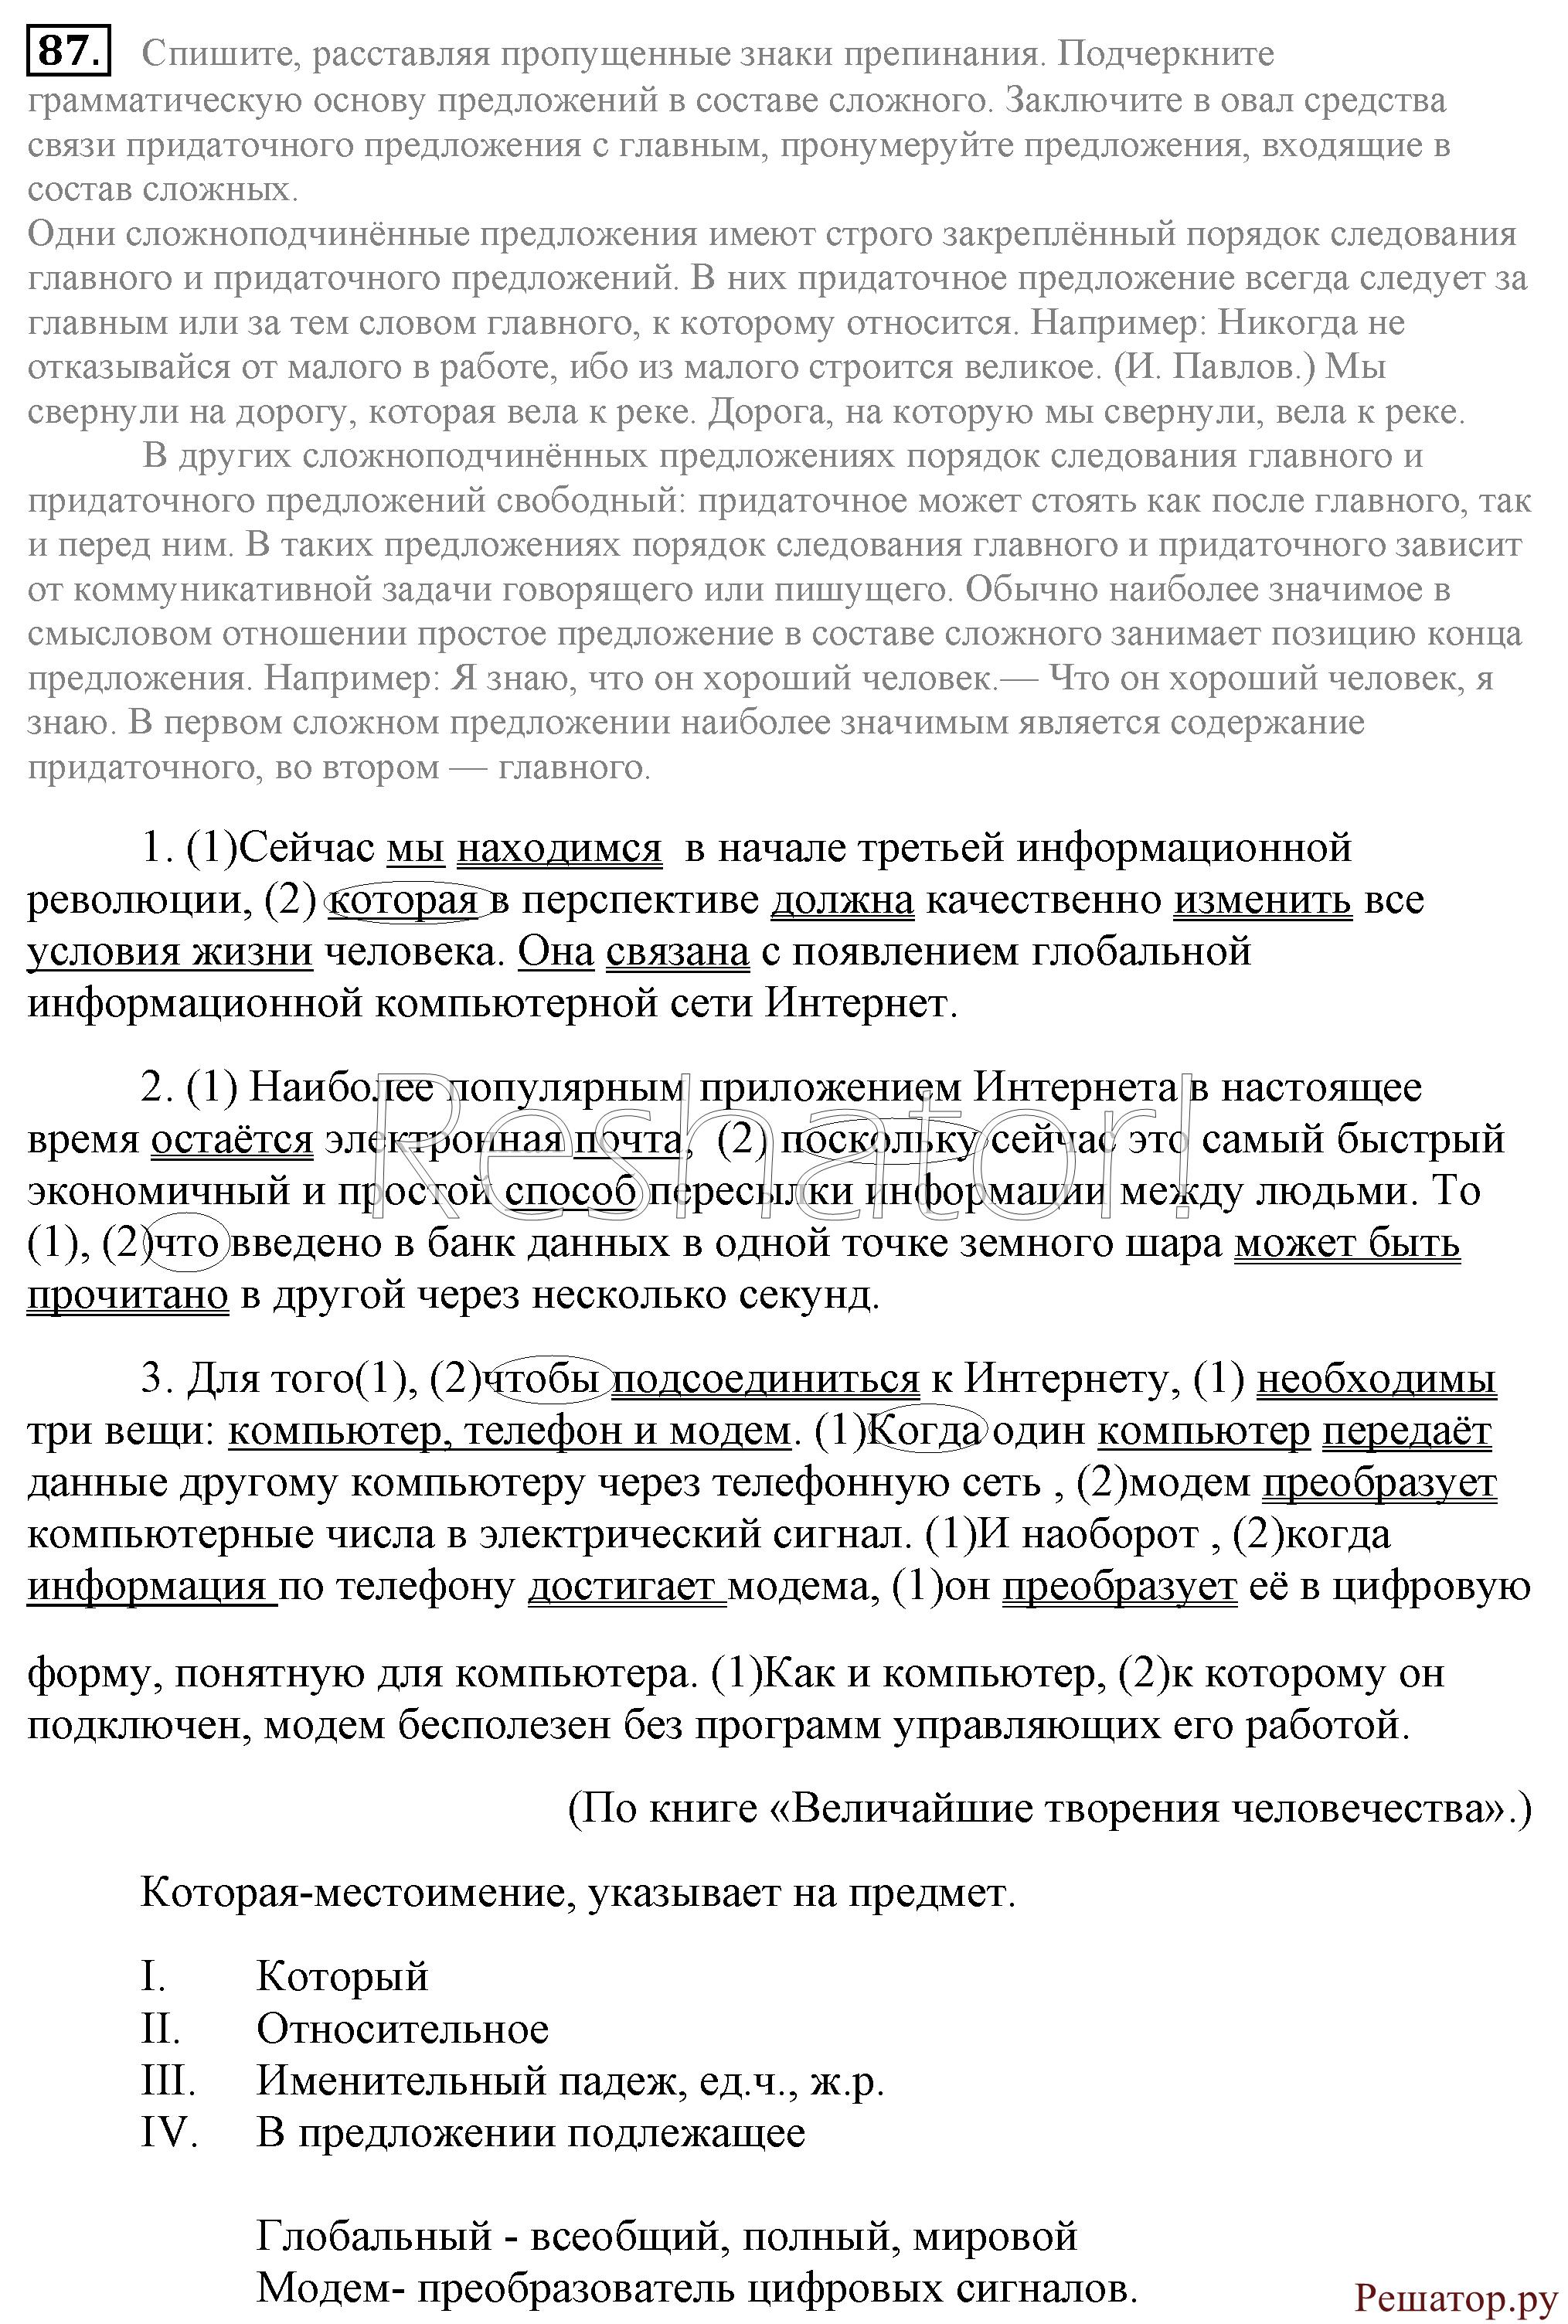 Решеба. Ру решебник по белорусскому языку 9 класс.